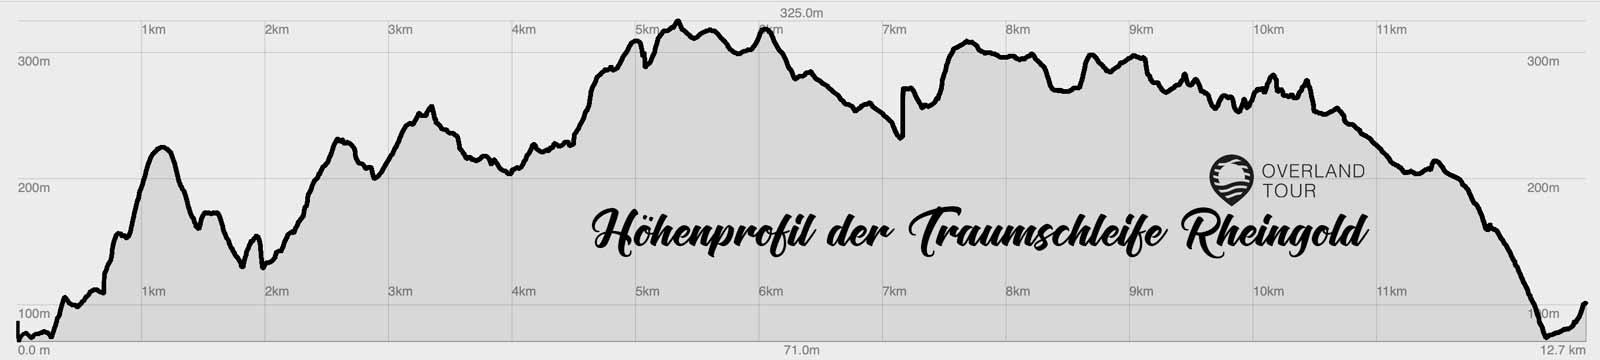 Das Höhenprofil der Traumschleife Rheingold